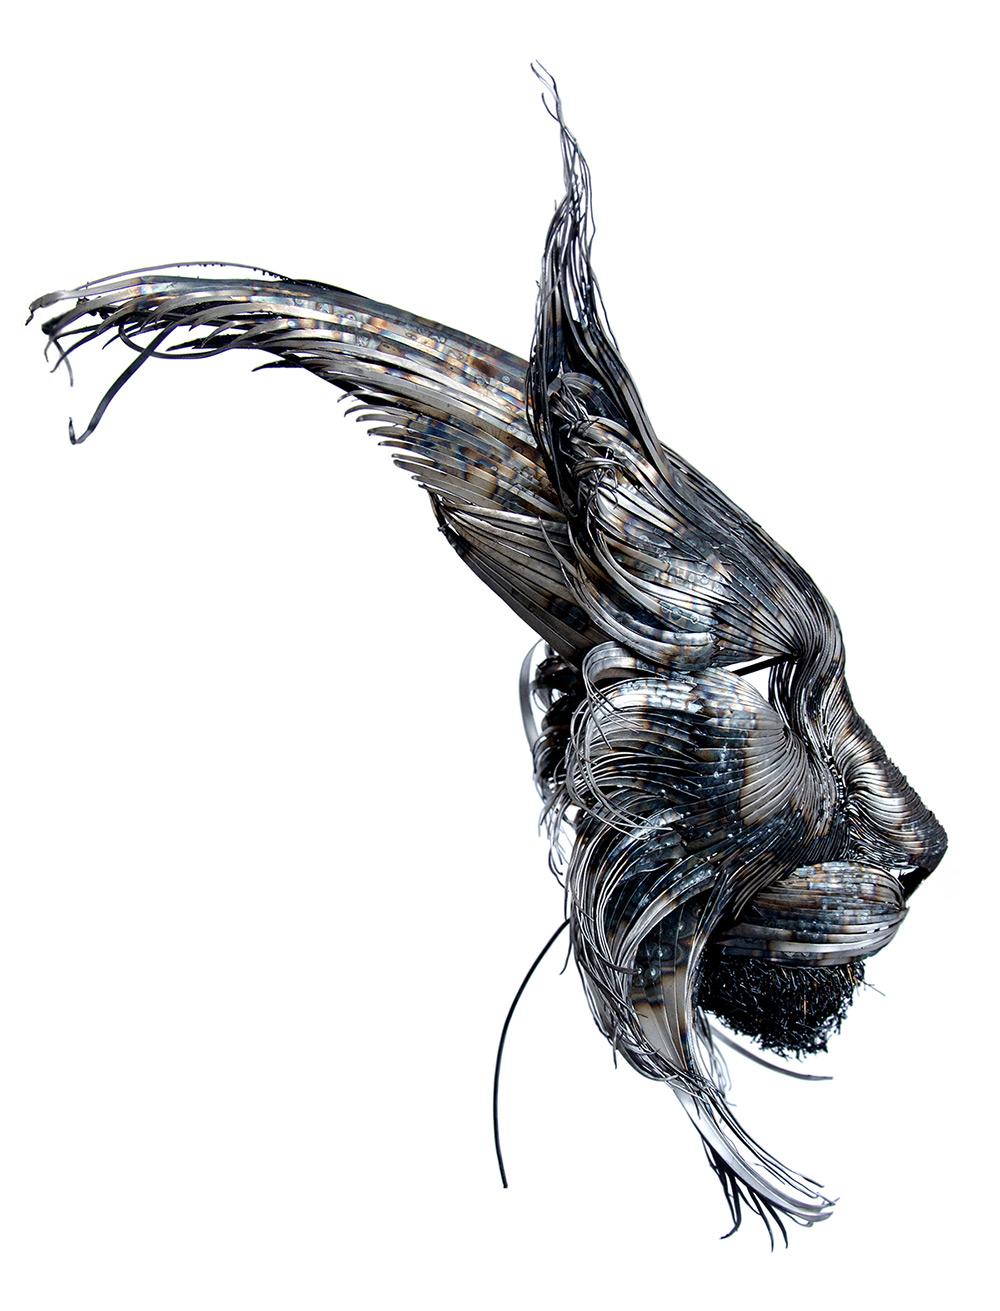 sculture-teste-animali-acciaio-ferro-battuto-selcuk-yilmaz-10